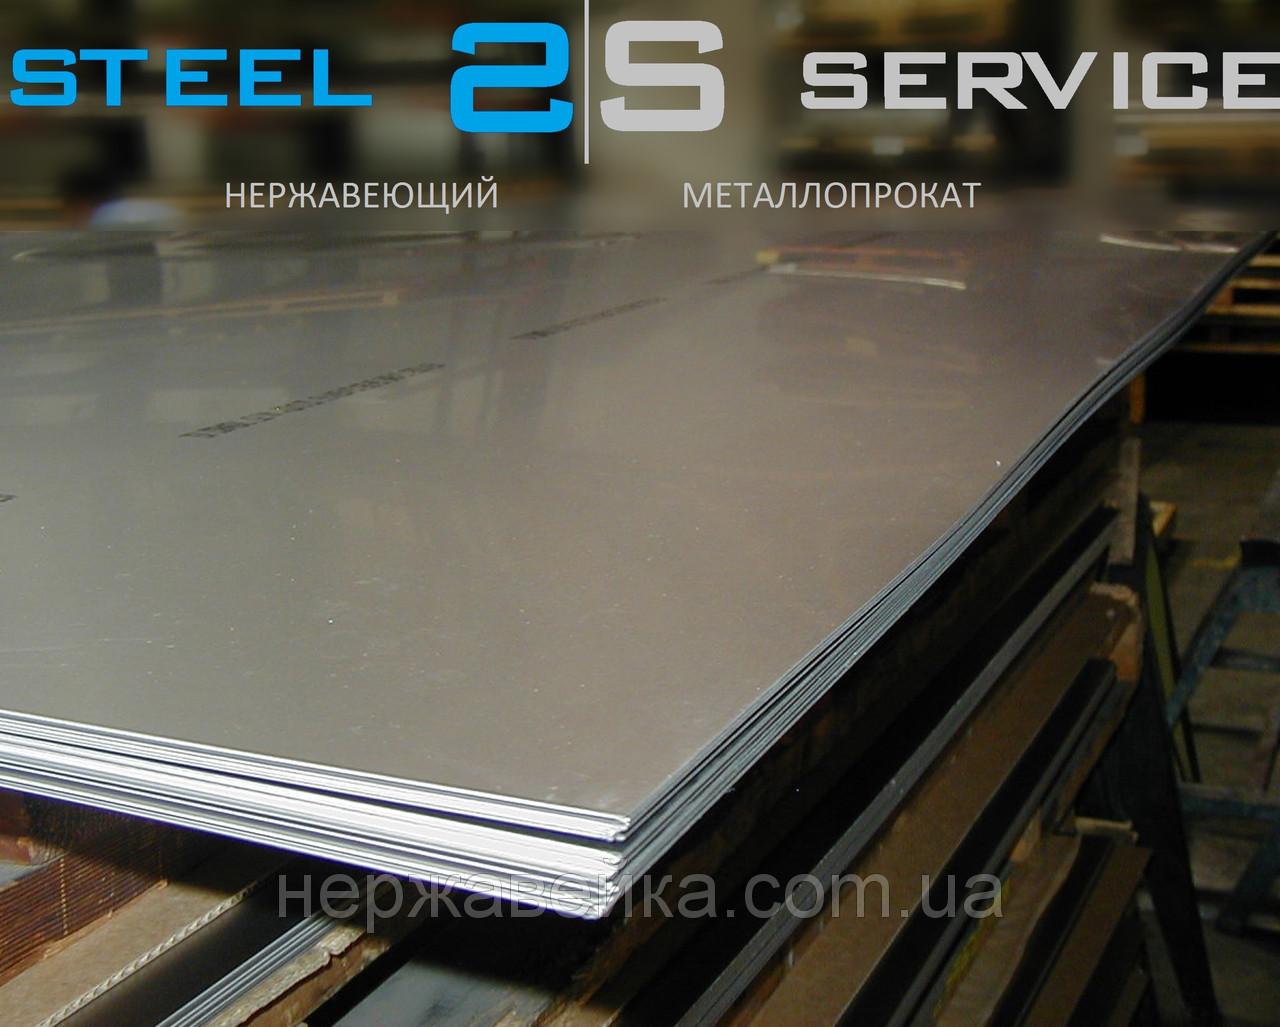 Нержавеющий лист 8х1250х2500мм  AISI 304(08Х18Н10) F1 - горячекатанный,  пищевой